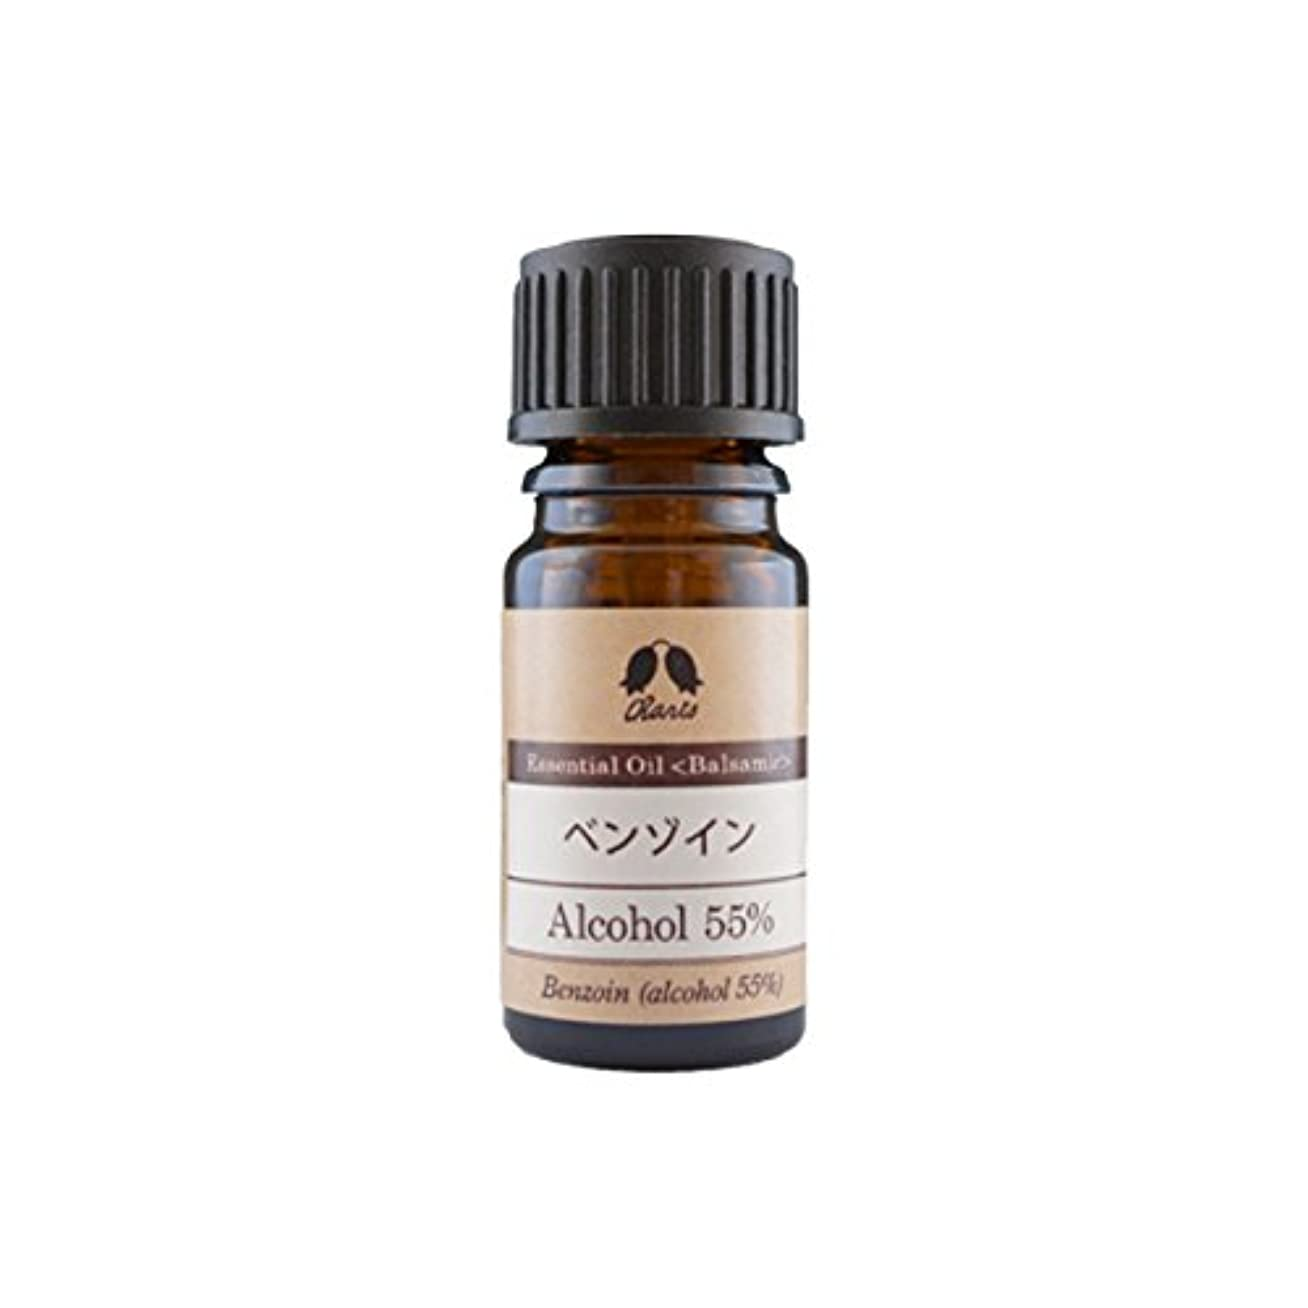 カリス エッセンシャルオイル ベンゾイン (アルコール55%) オイル 5ml